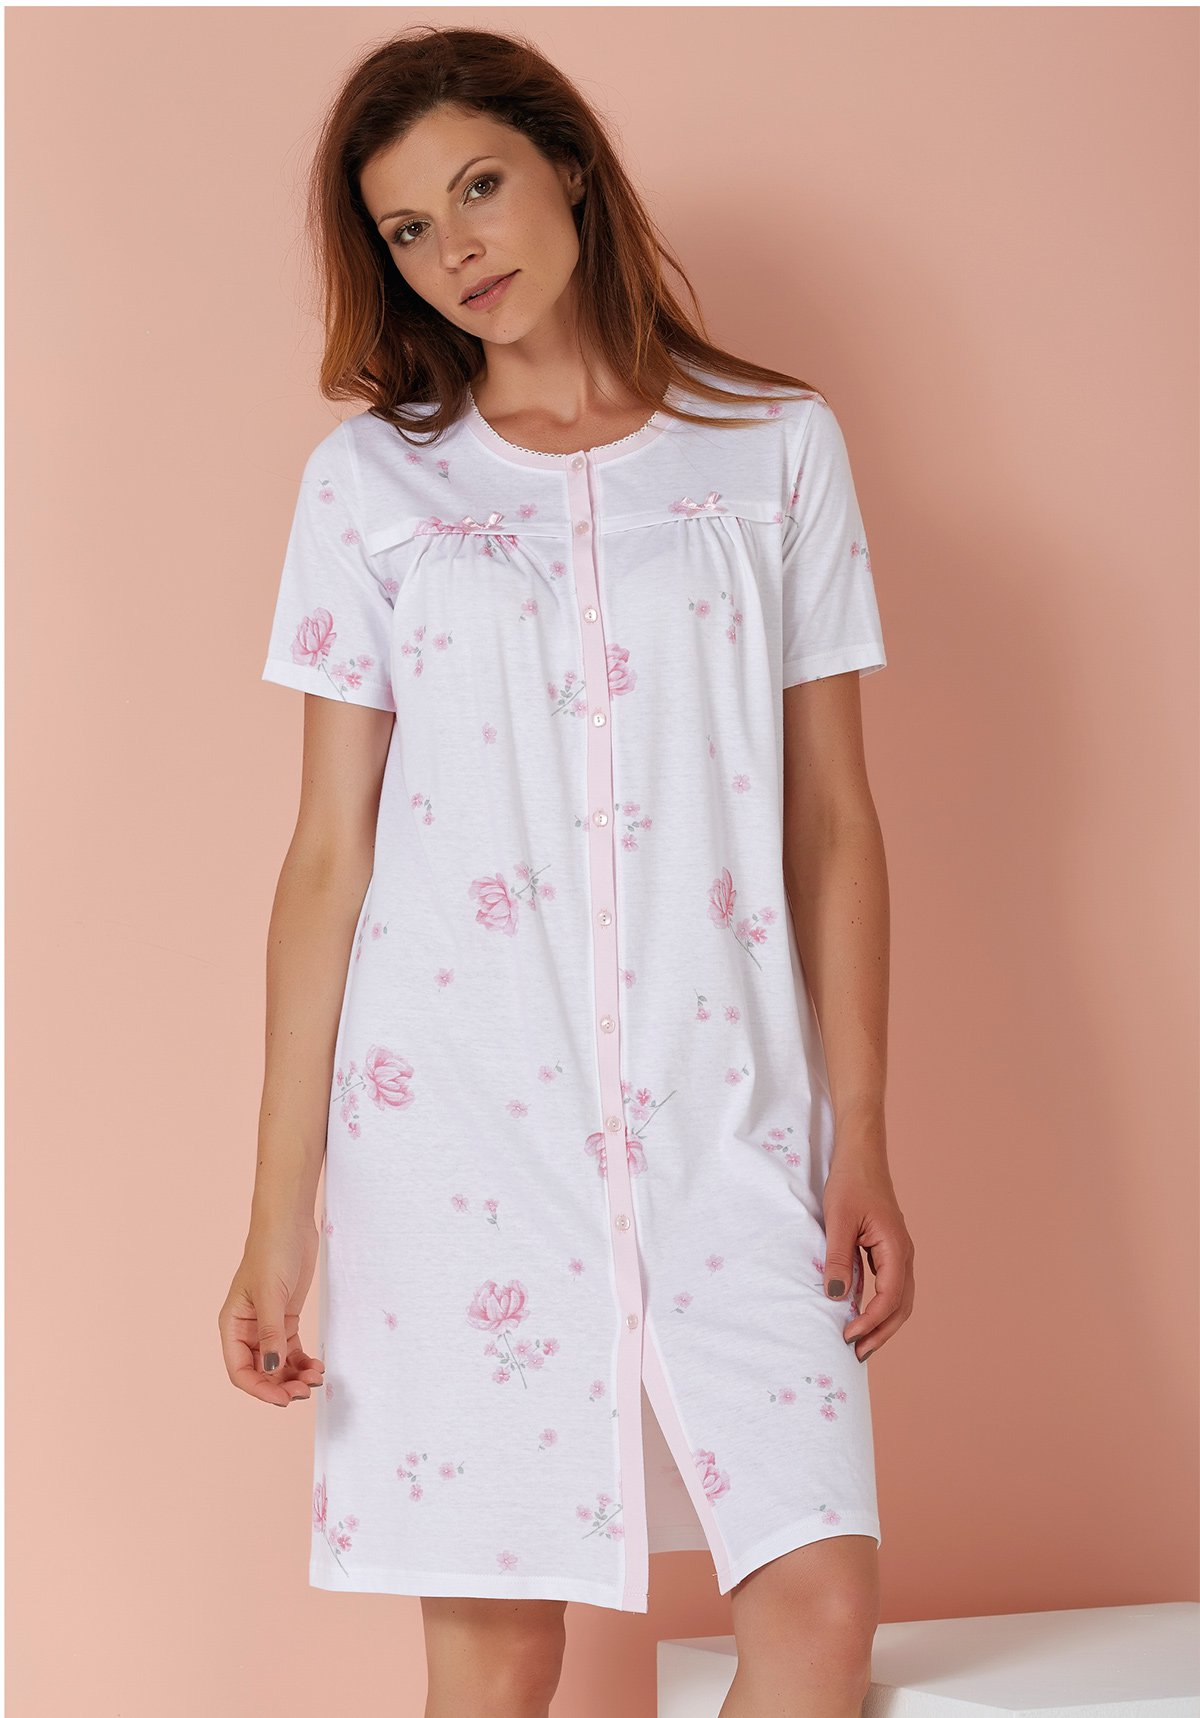 Ночная сорочка Jaydon Цвет: Белый (58) Vilfram vilf507501